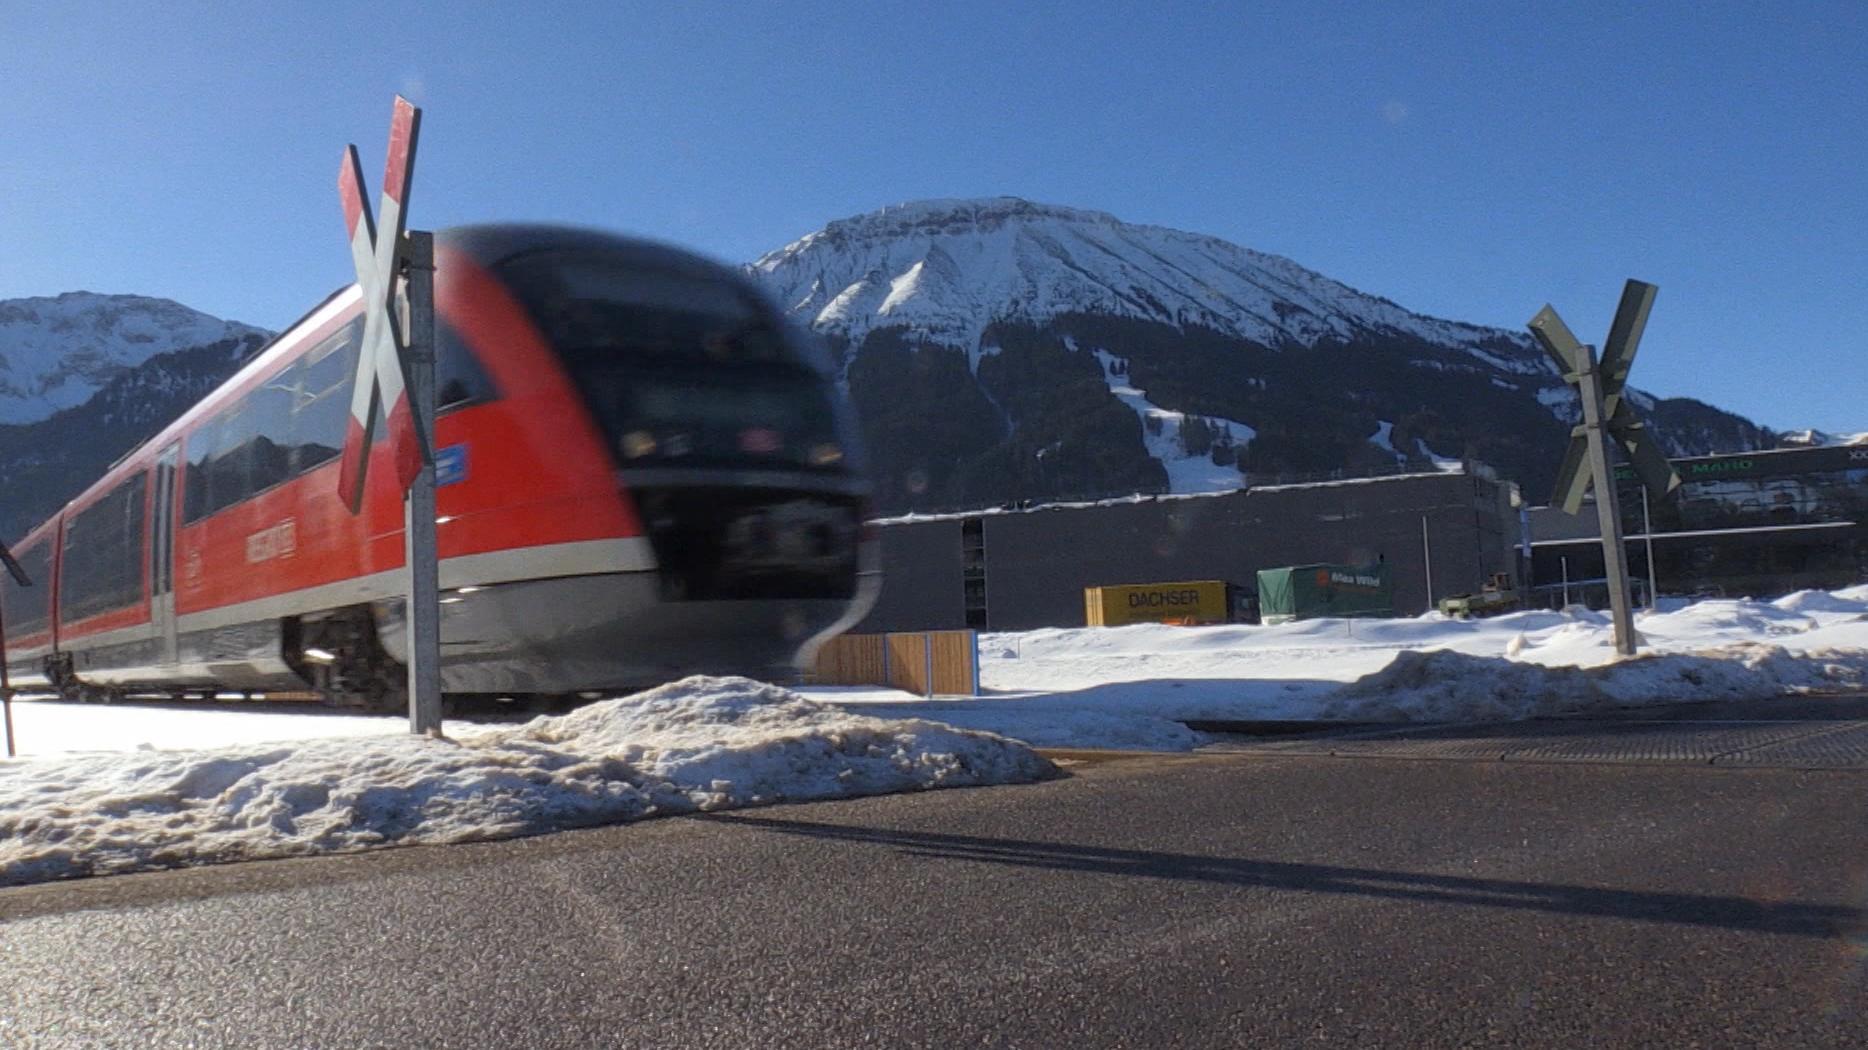 Zug an unbeeschranktem Bahnübergang